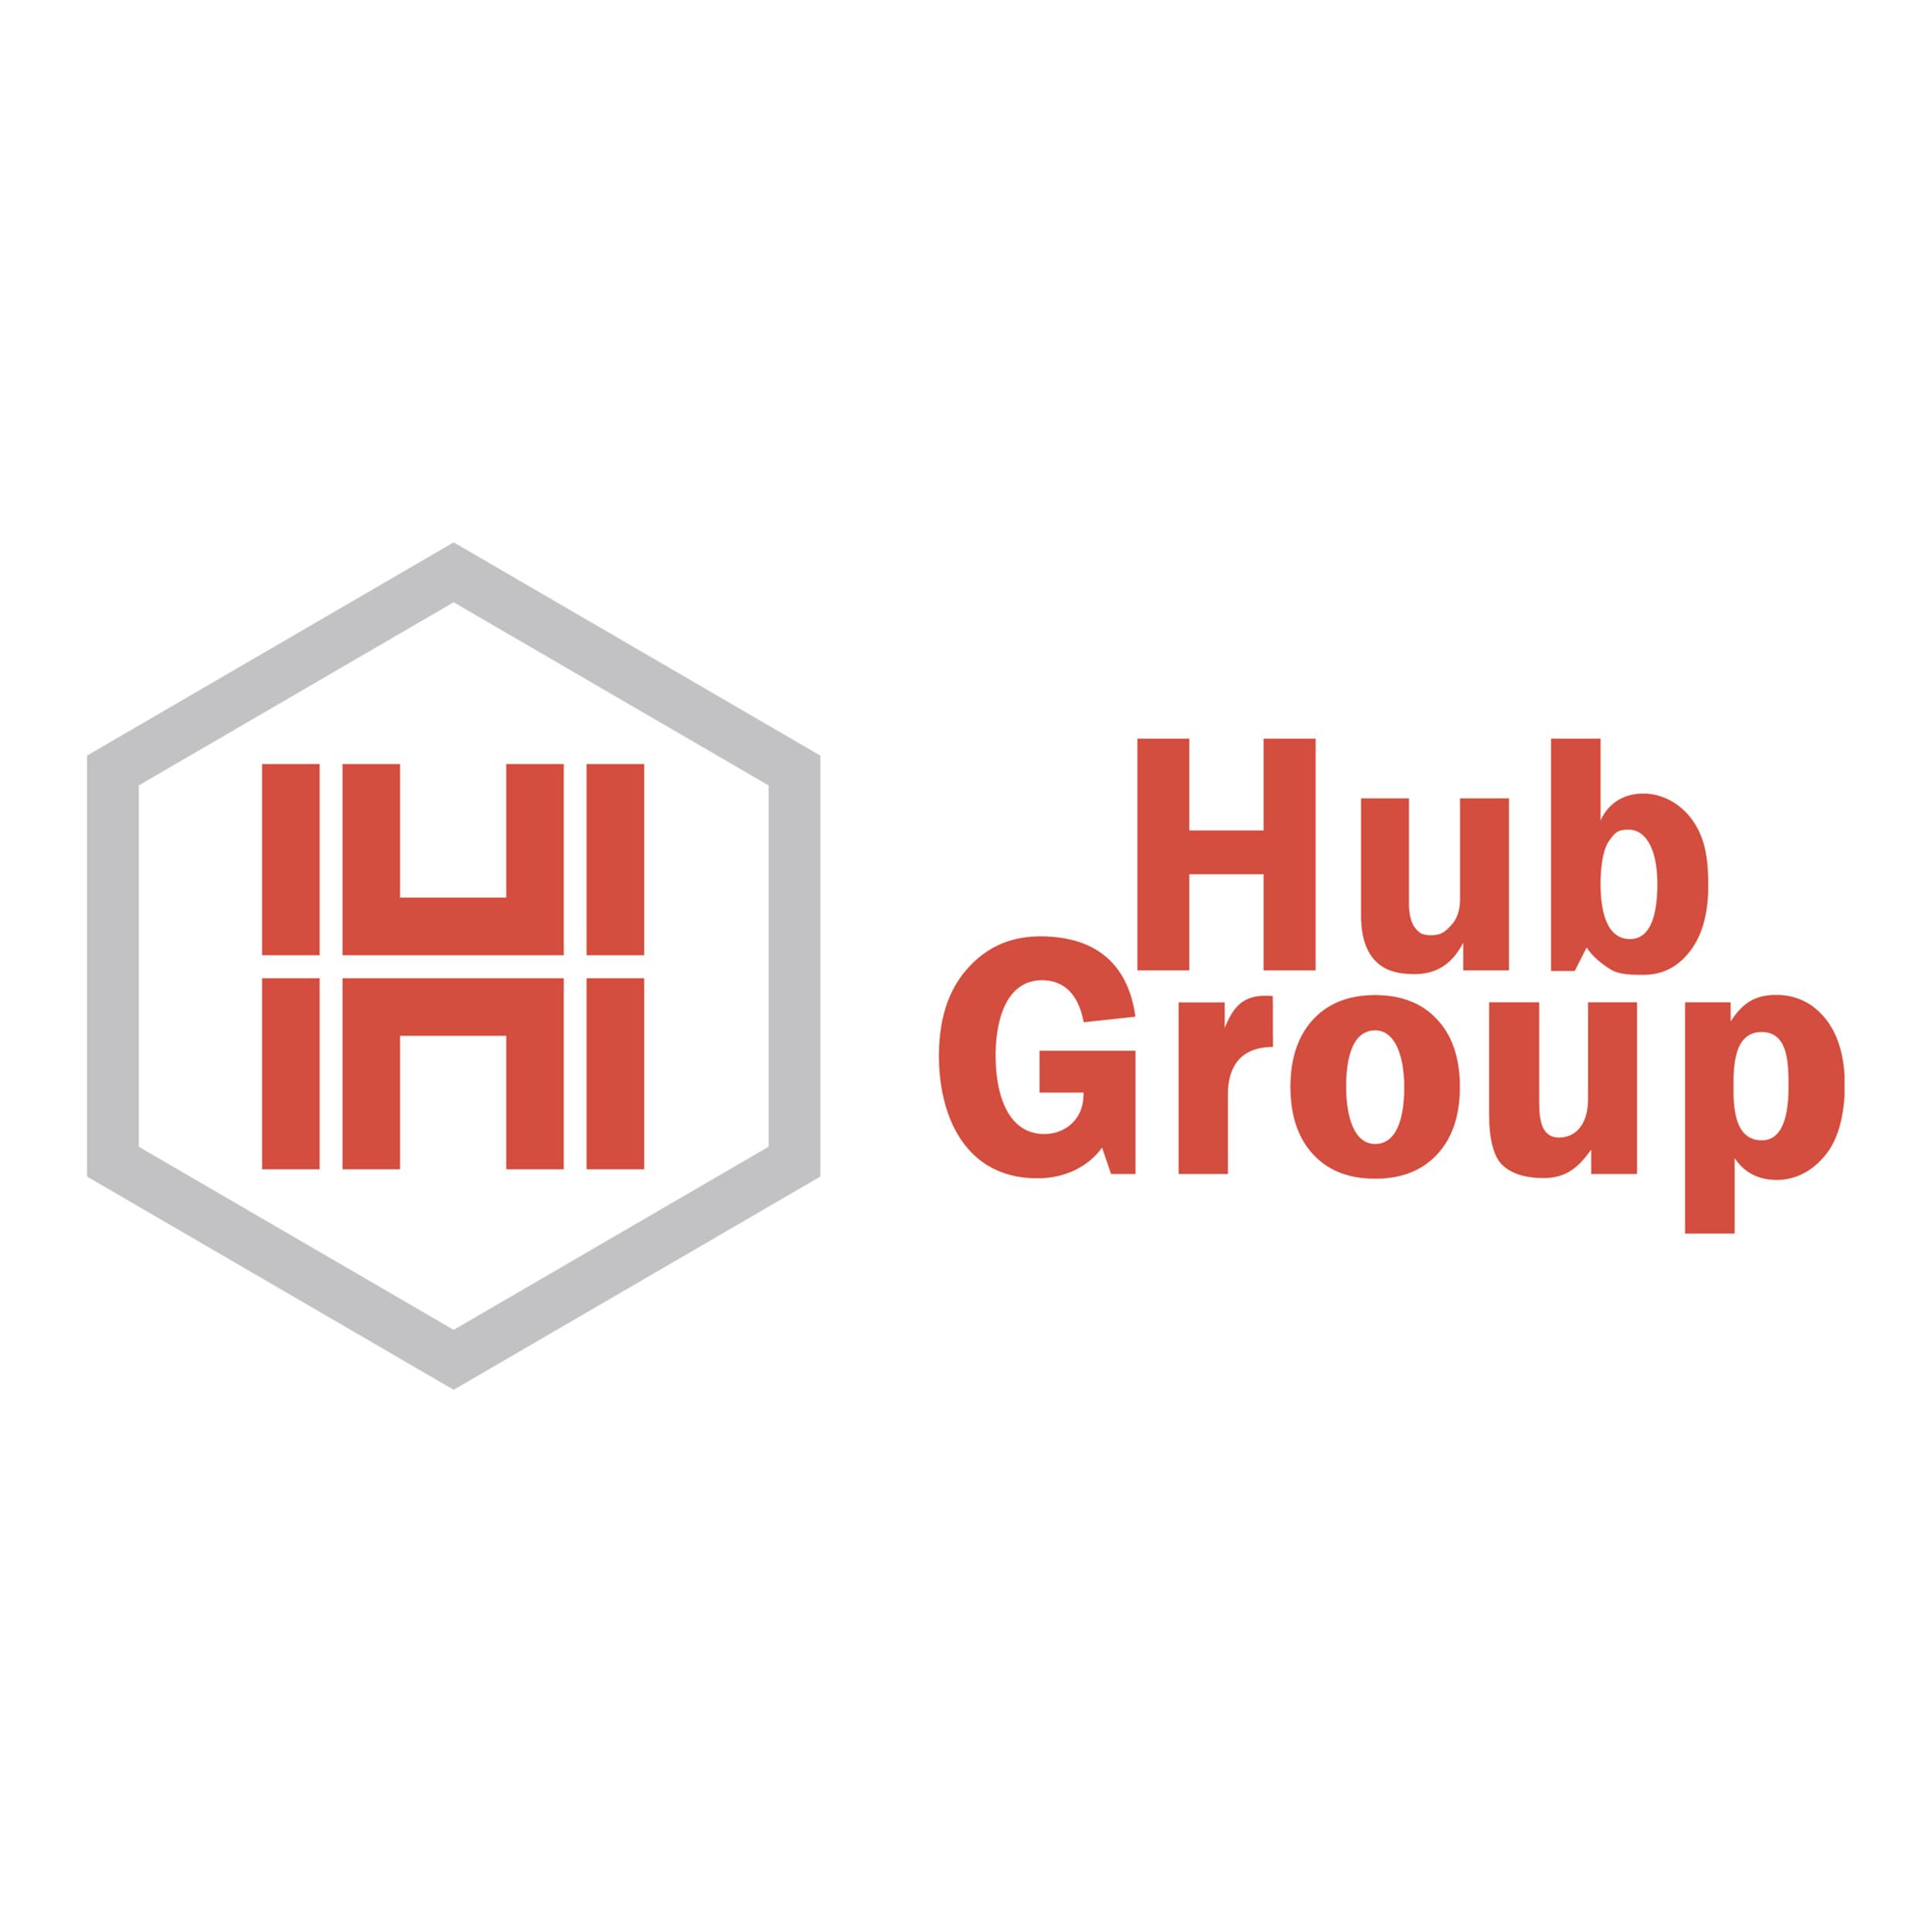 hub group.png